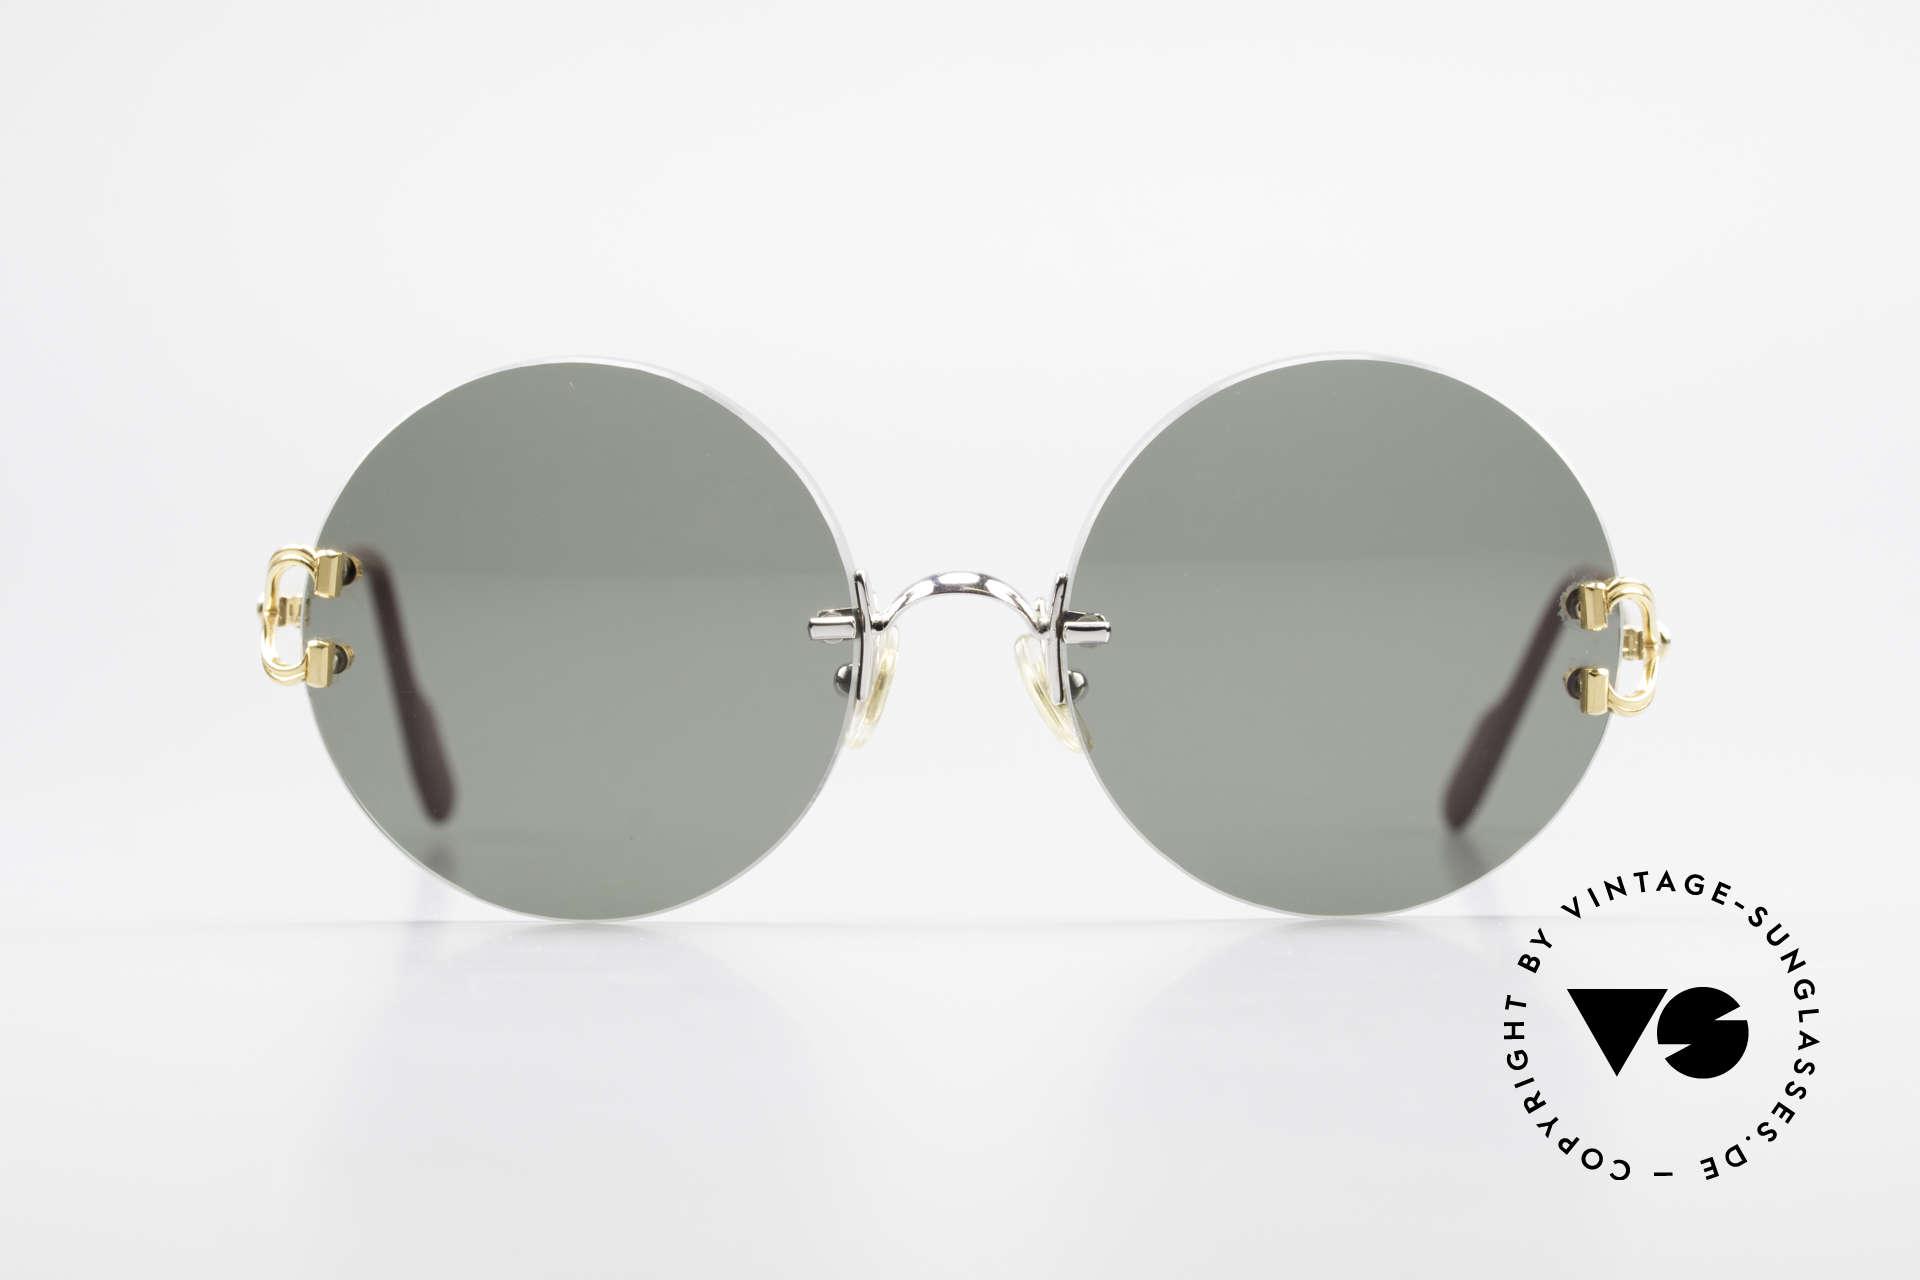 Cartier Madison Runde Customized Sonnenbrille, Modell aus der 'Rimless Collection', Gr. Medium, Passend für Herren und Damen